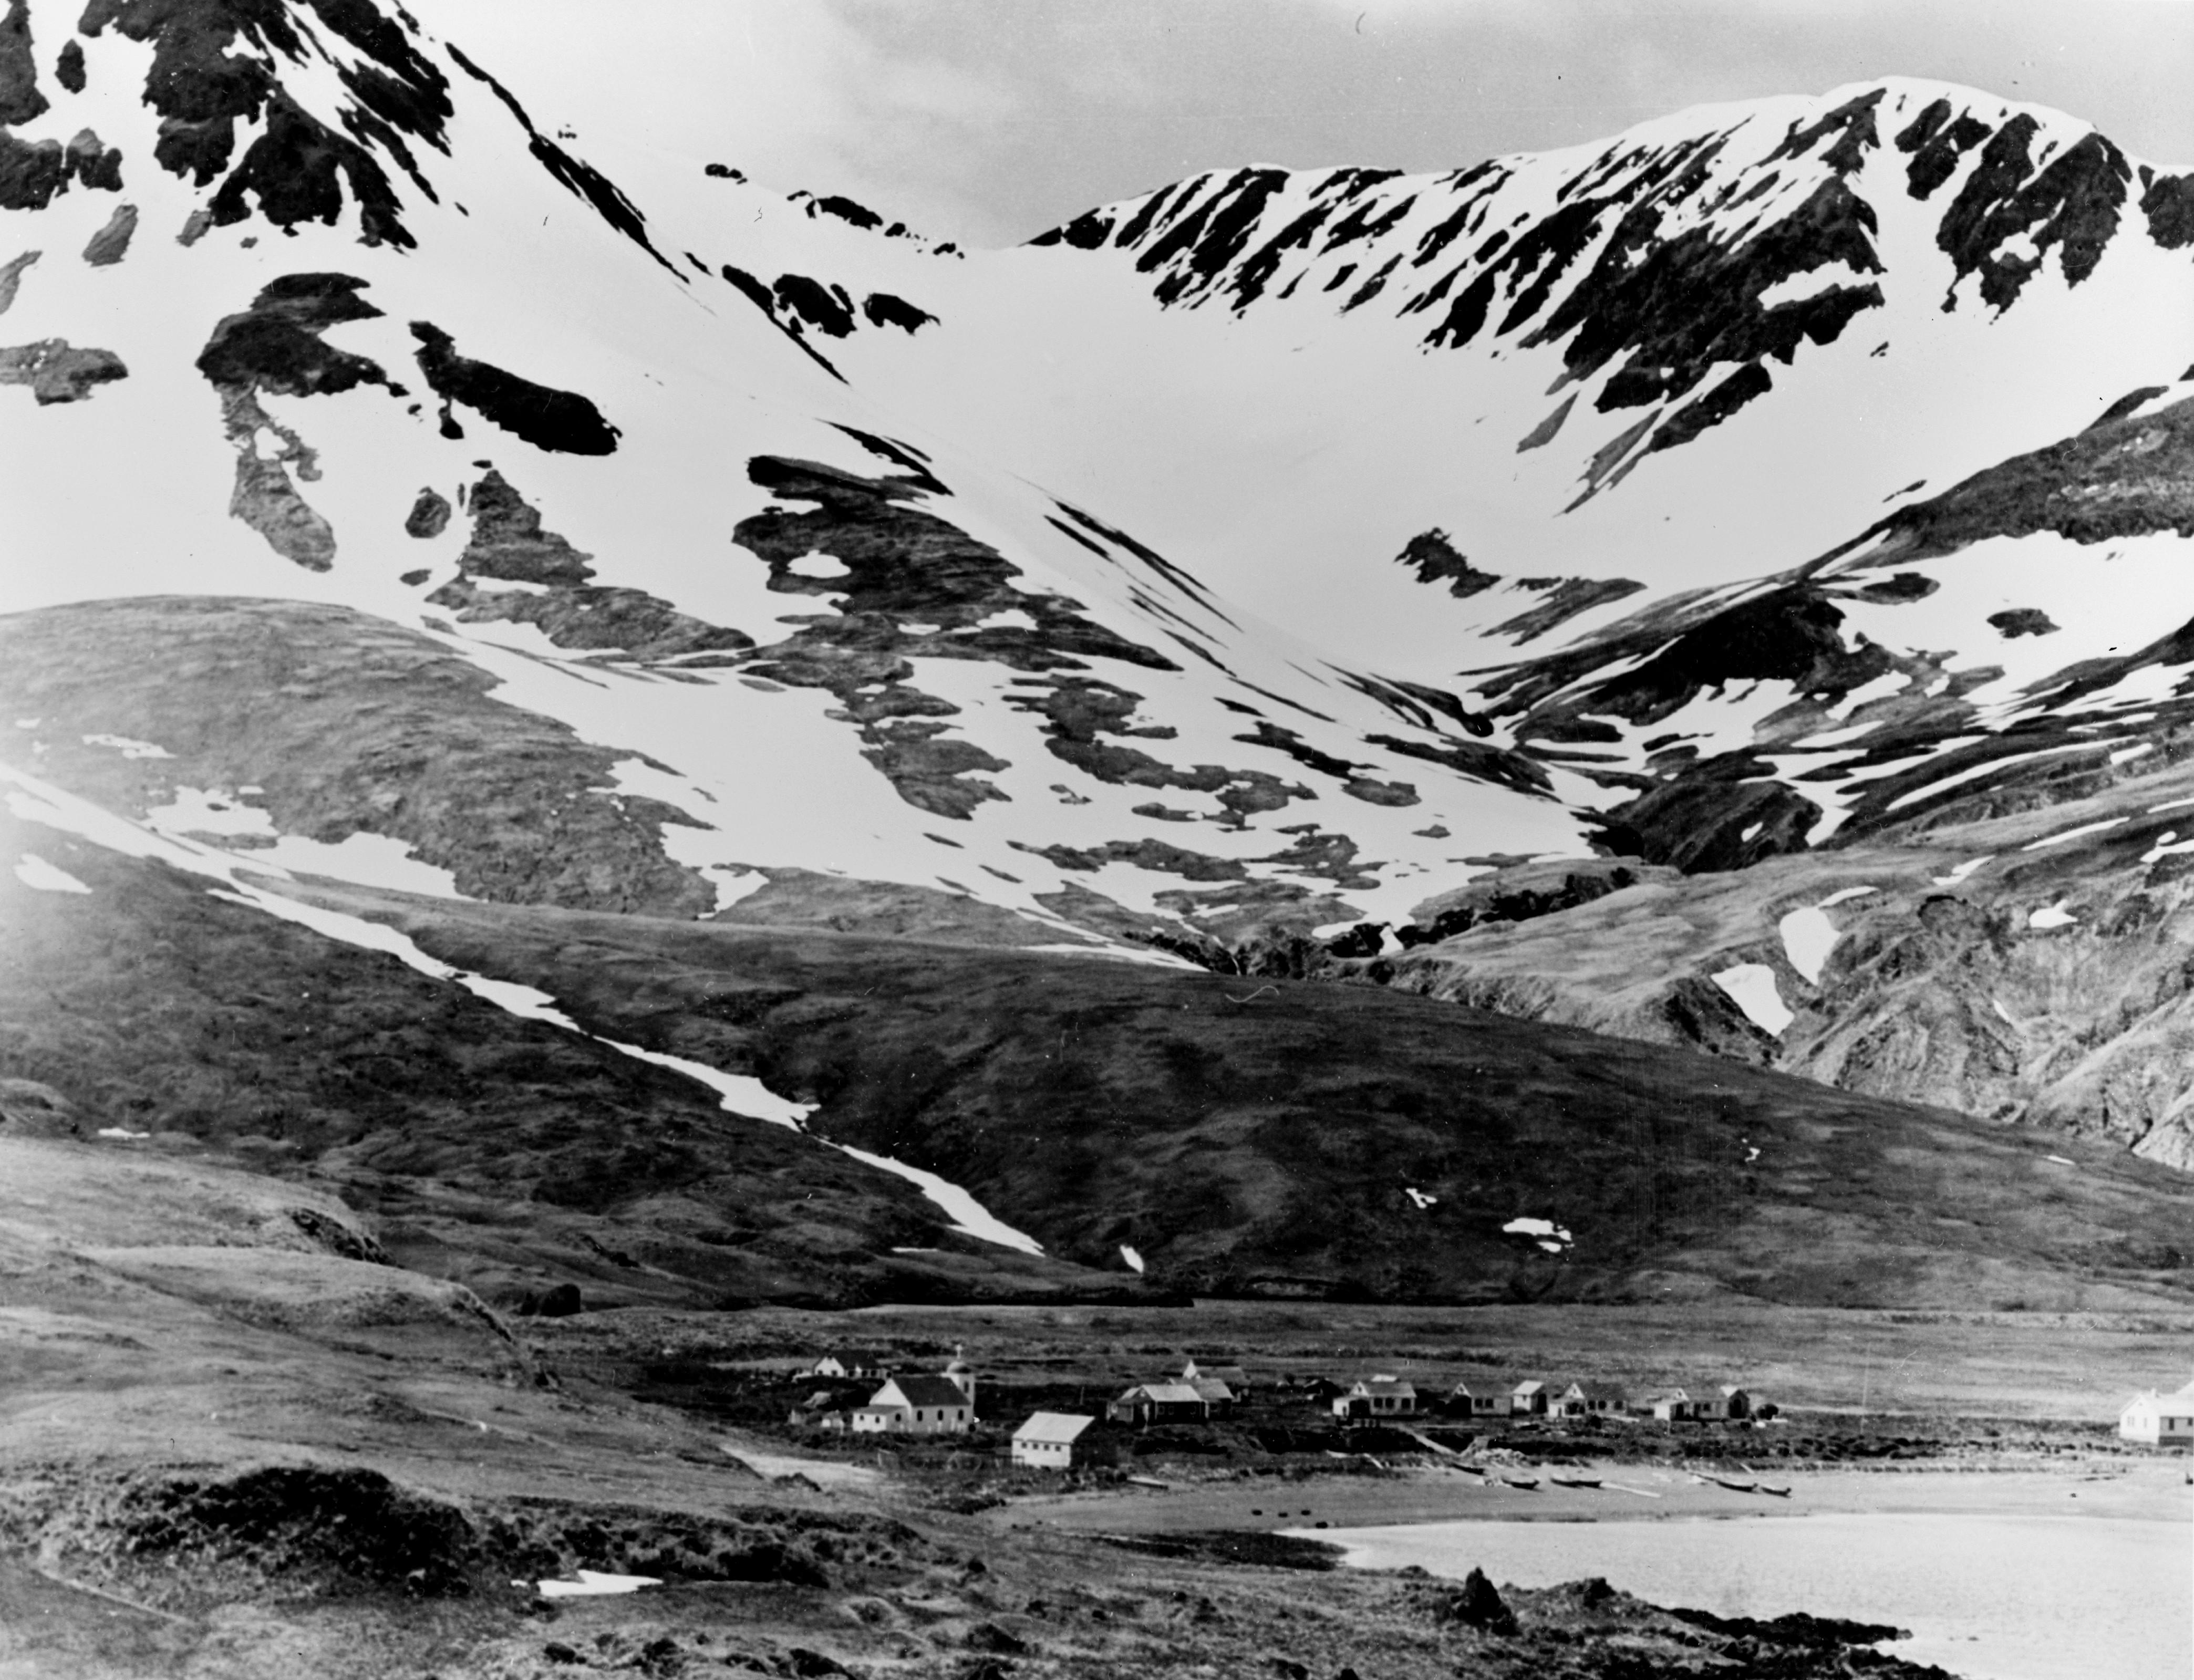 Attu village, Attu island, Alaska (USA), in June 1937. Original caption: